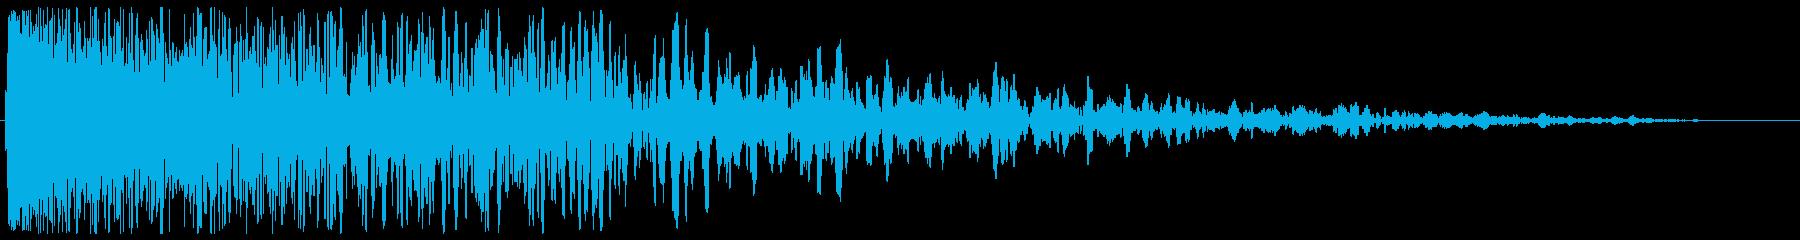 チューン(発射系の音)の再生済みの波形